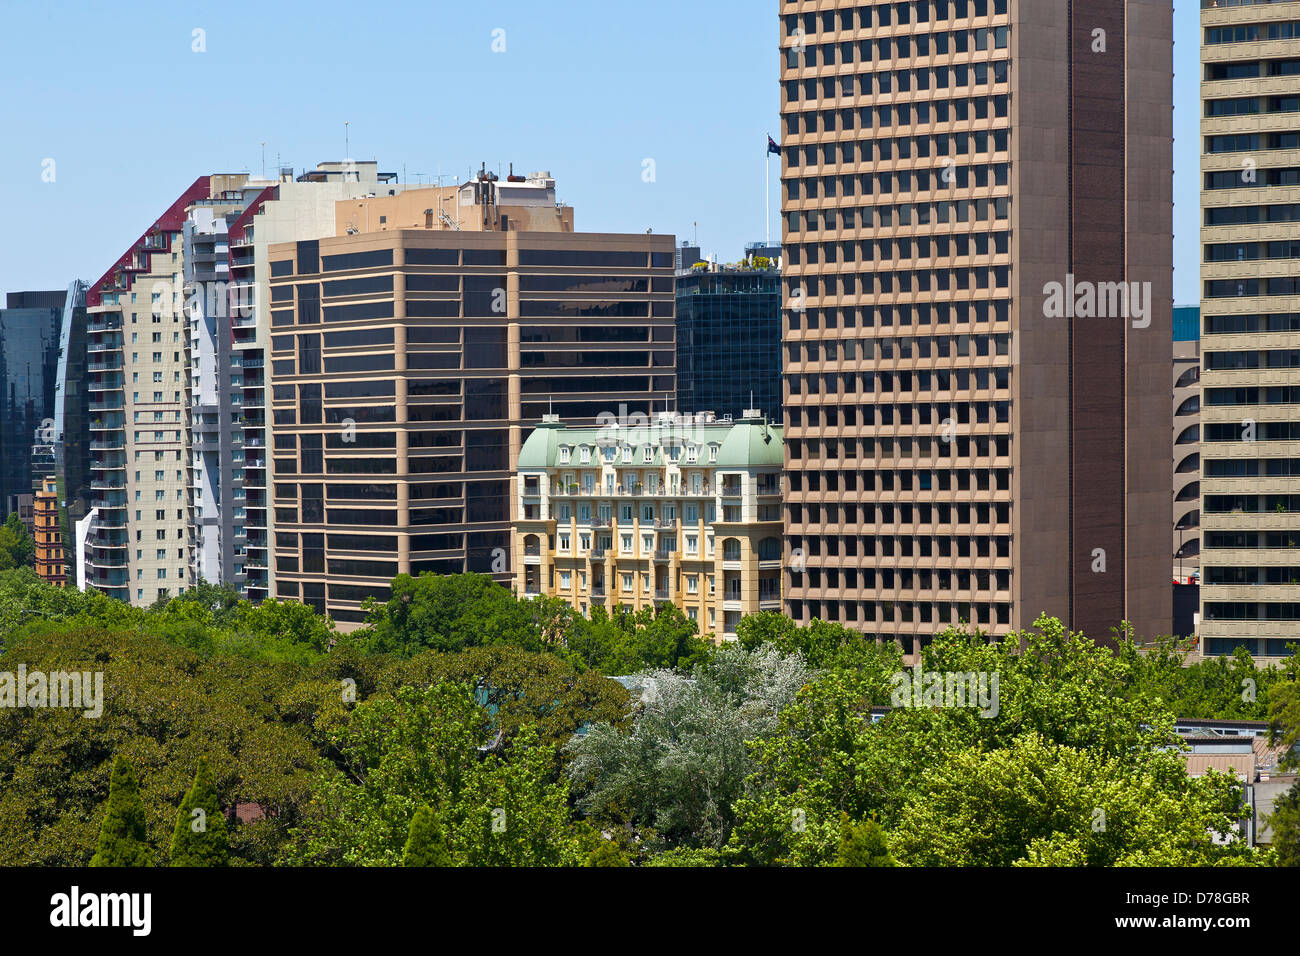 La vecchia e la nuova architettura in Melbourne, Australia Immagini Stock